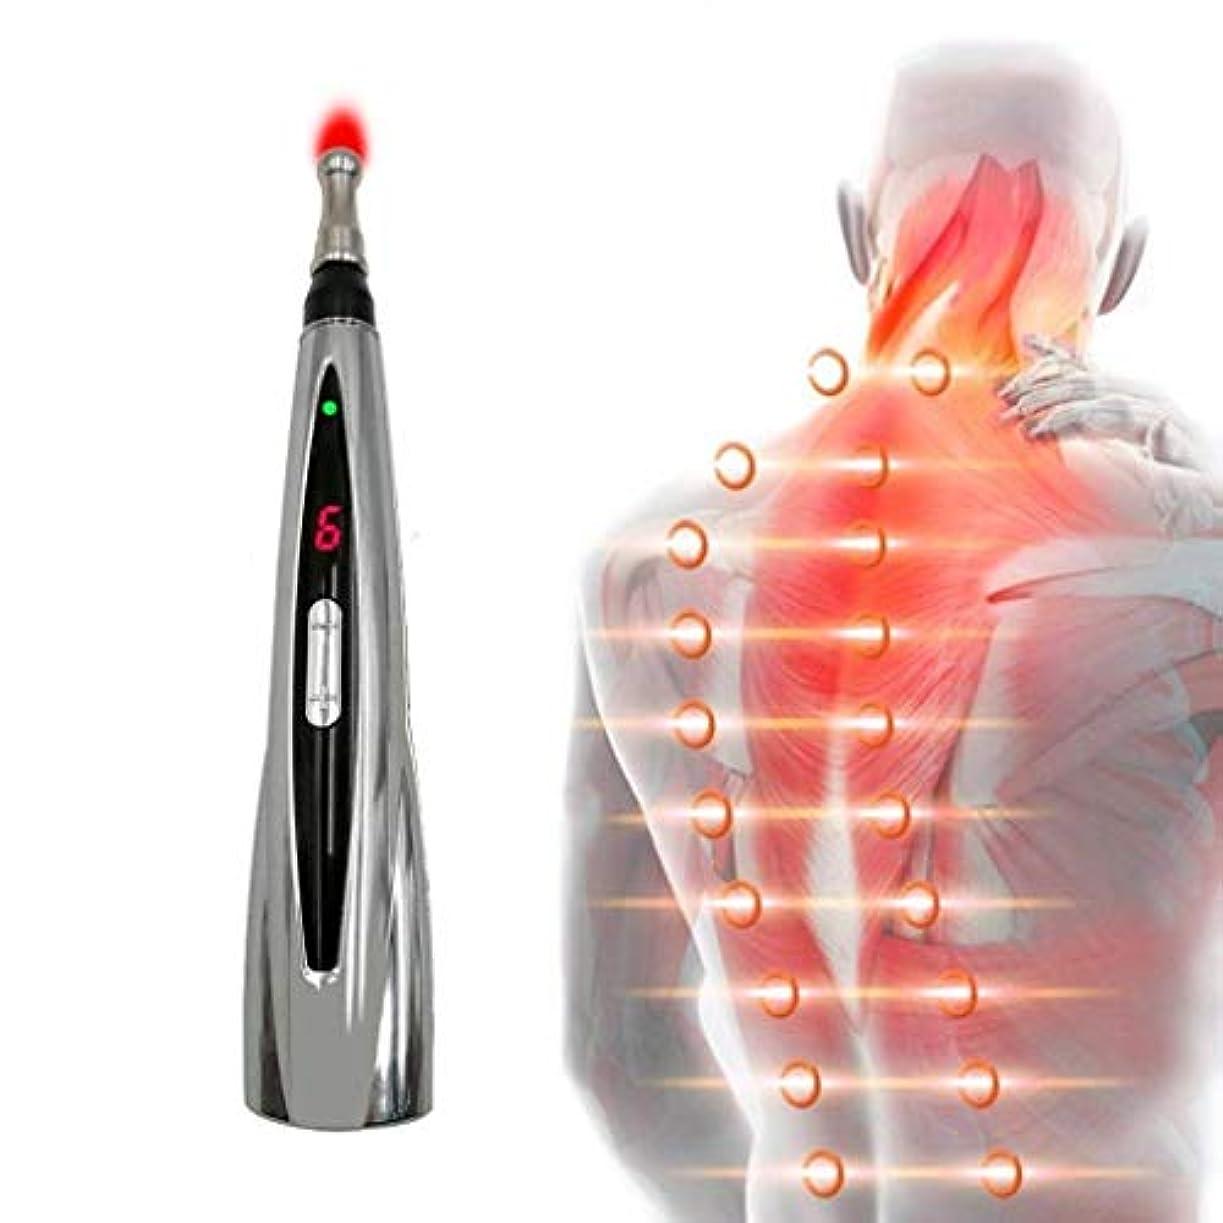 枢機卿あそこ兵隊鍼治療ペン、エネルギーパルス指圧スティック、ホームマッサージャー、経絡edge器、電子鍼治療ペン、痛みを和らげ、ヘルスケア